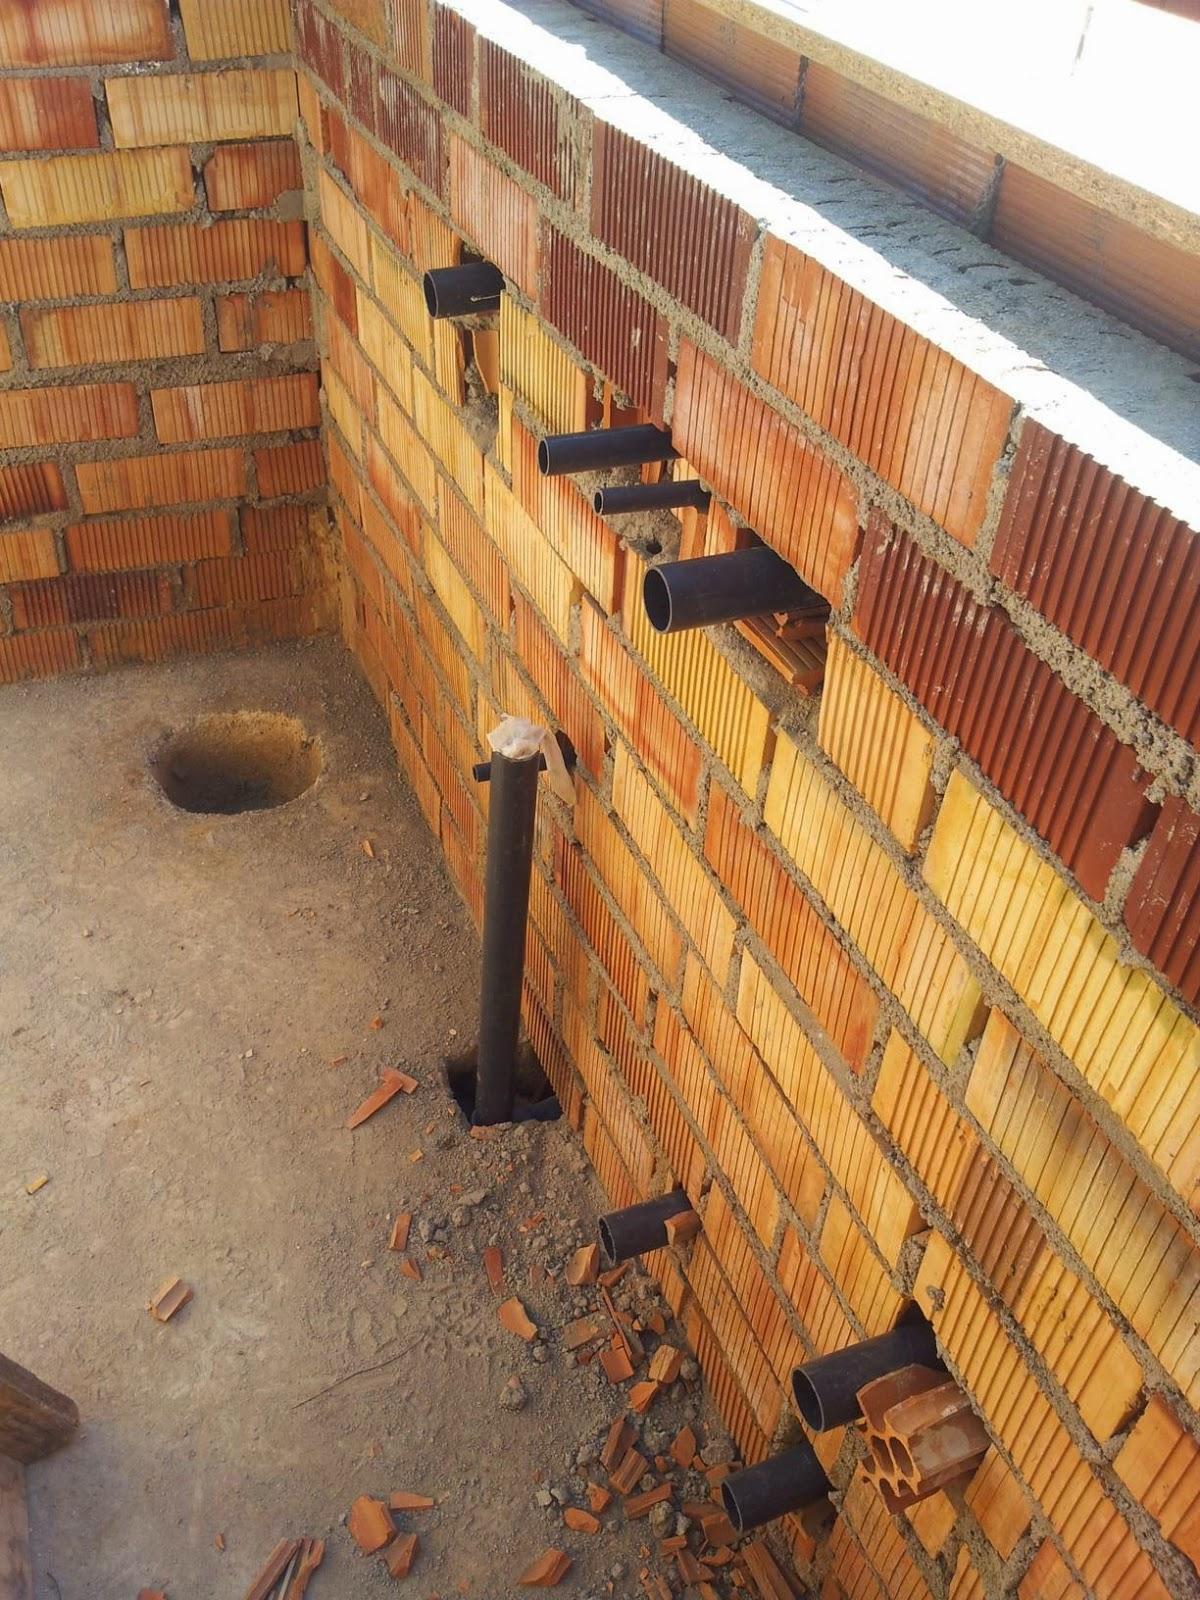 paso se procede a montar las bateras de tuberas de los soplantes que irn en el suelo del jacuzzi en este caso se hacen dos bateras